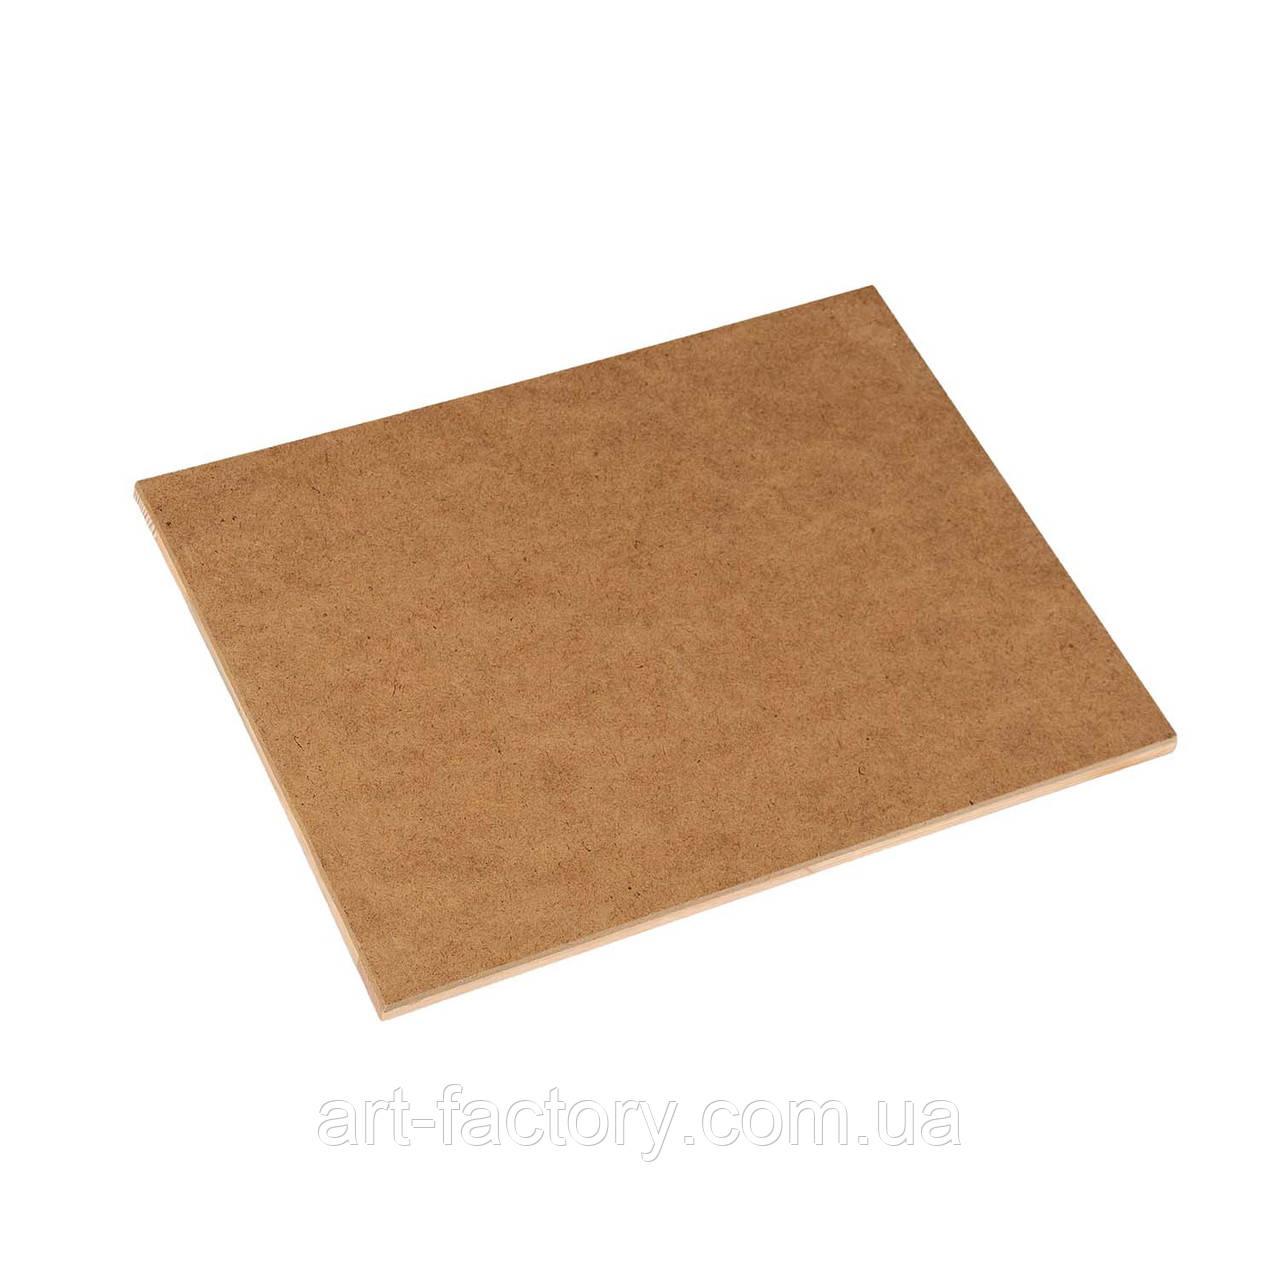 Планшет художній дерев'янний ДВП 70 х 100 см